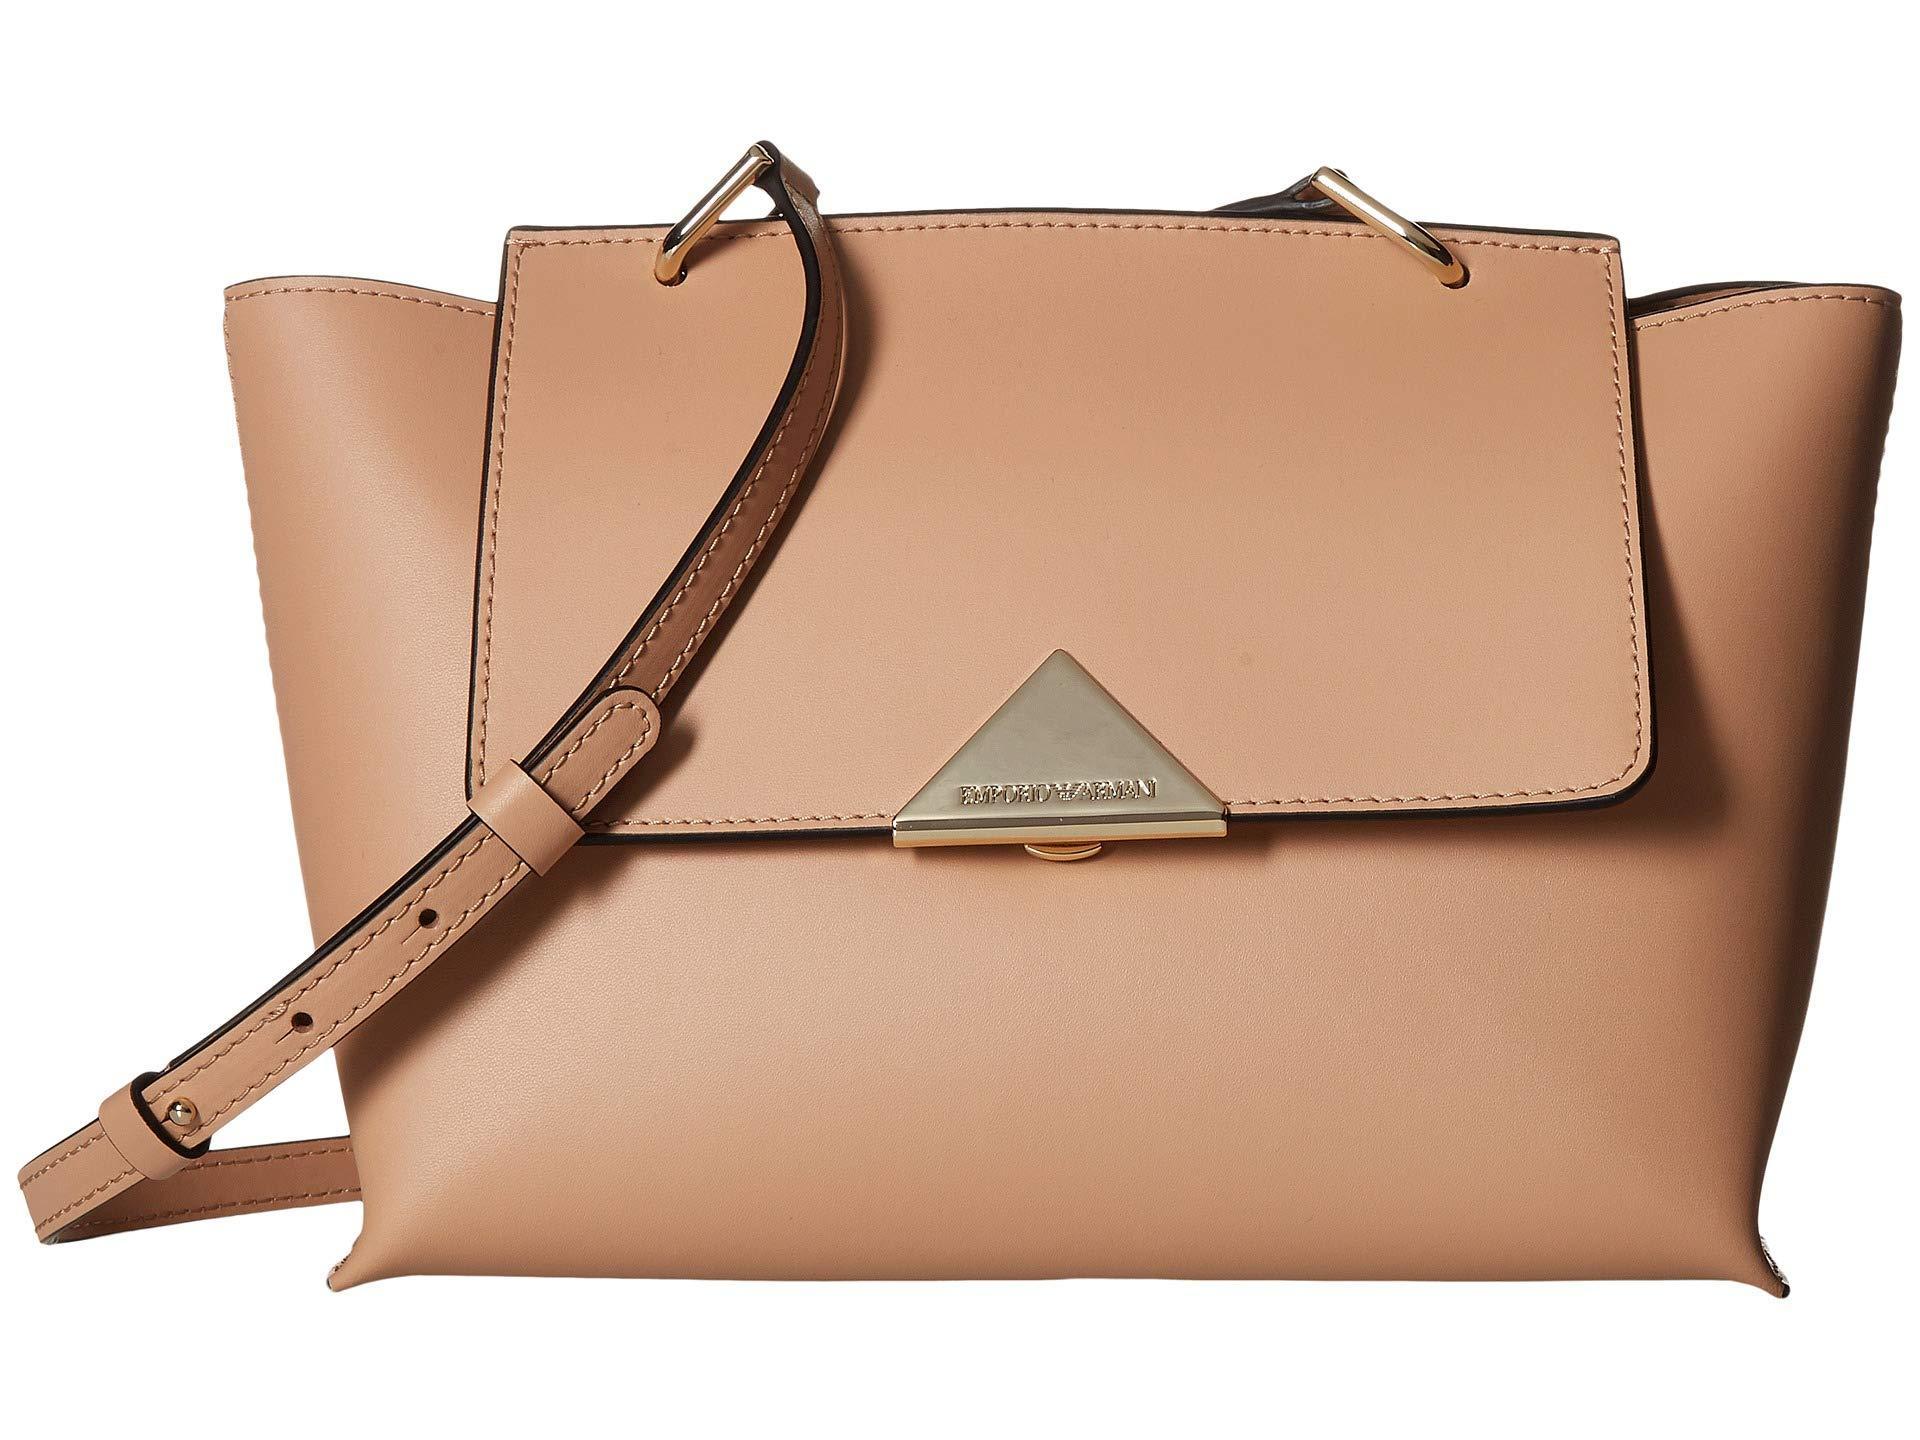 787a513ab425 Lyst - Emporio Armani Handbag (nude) Cross Body Handbags in Natural